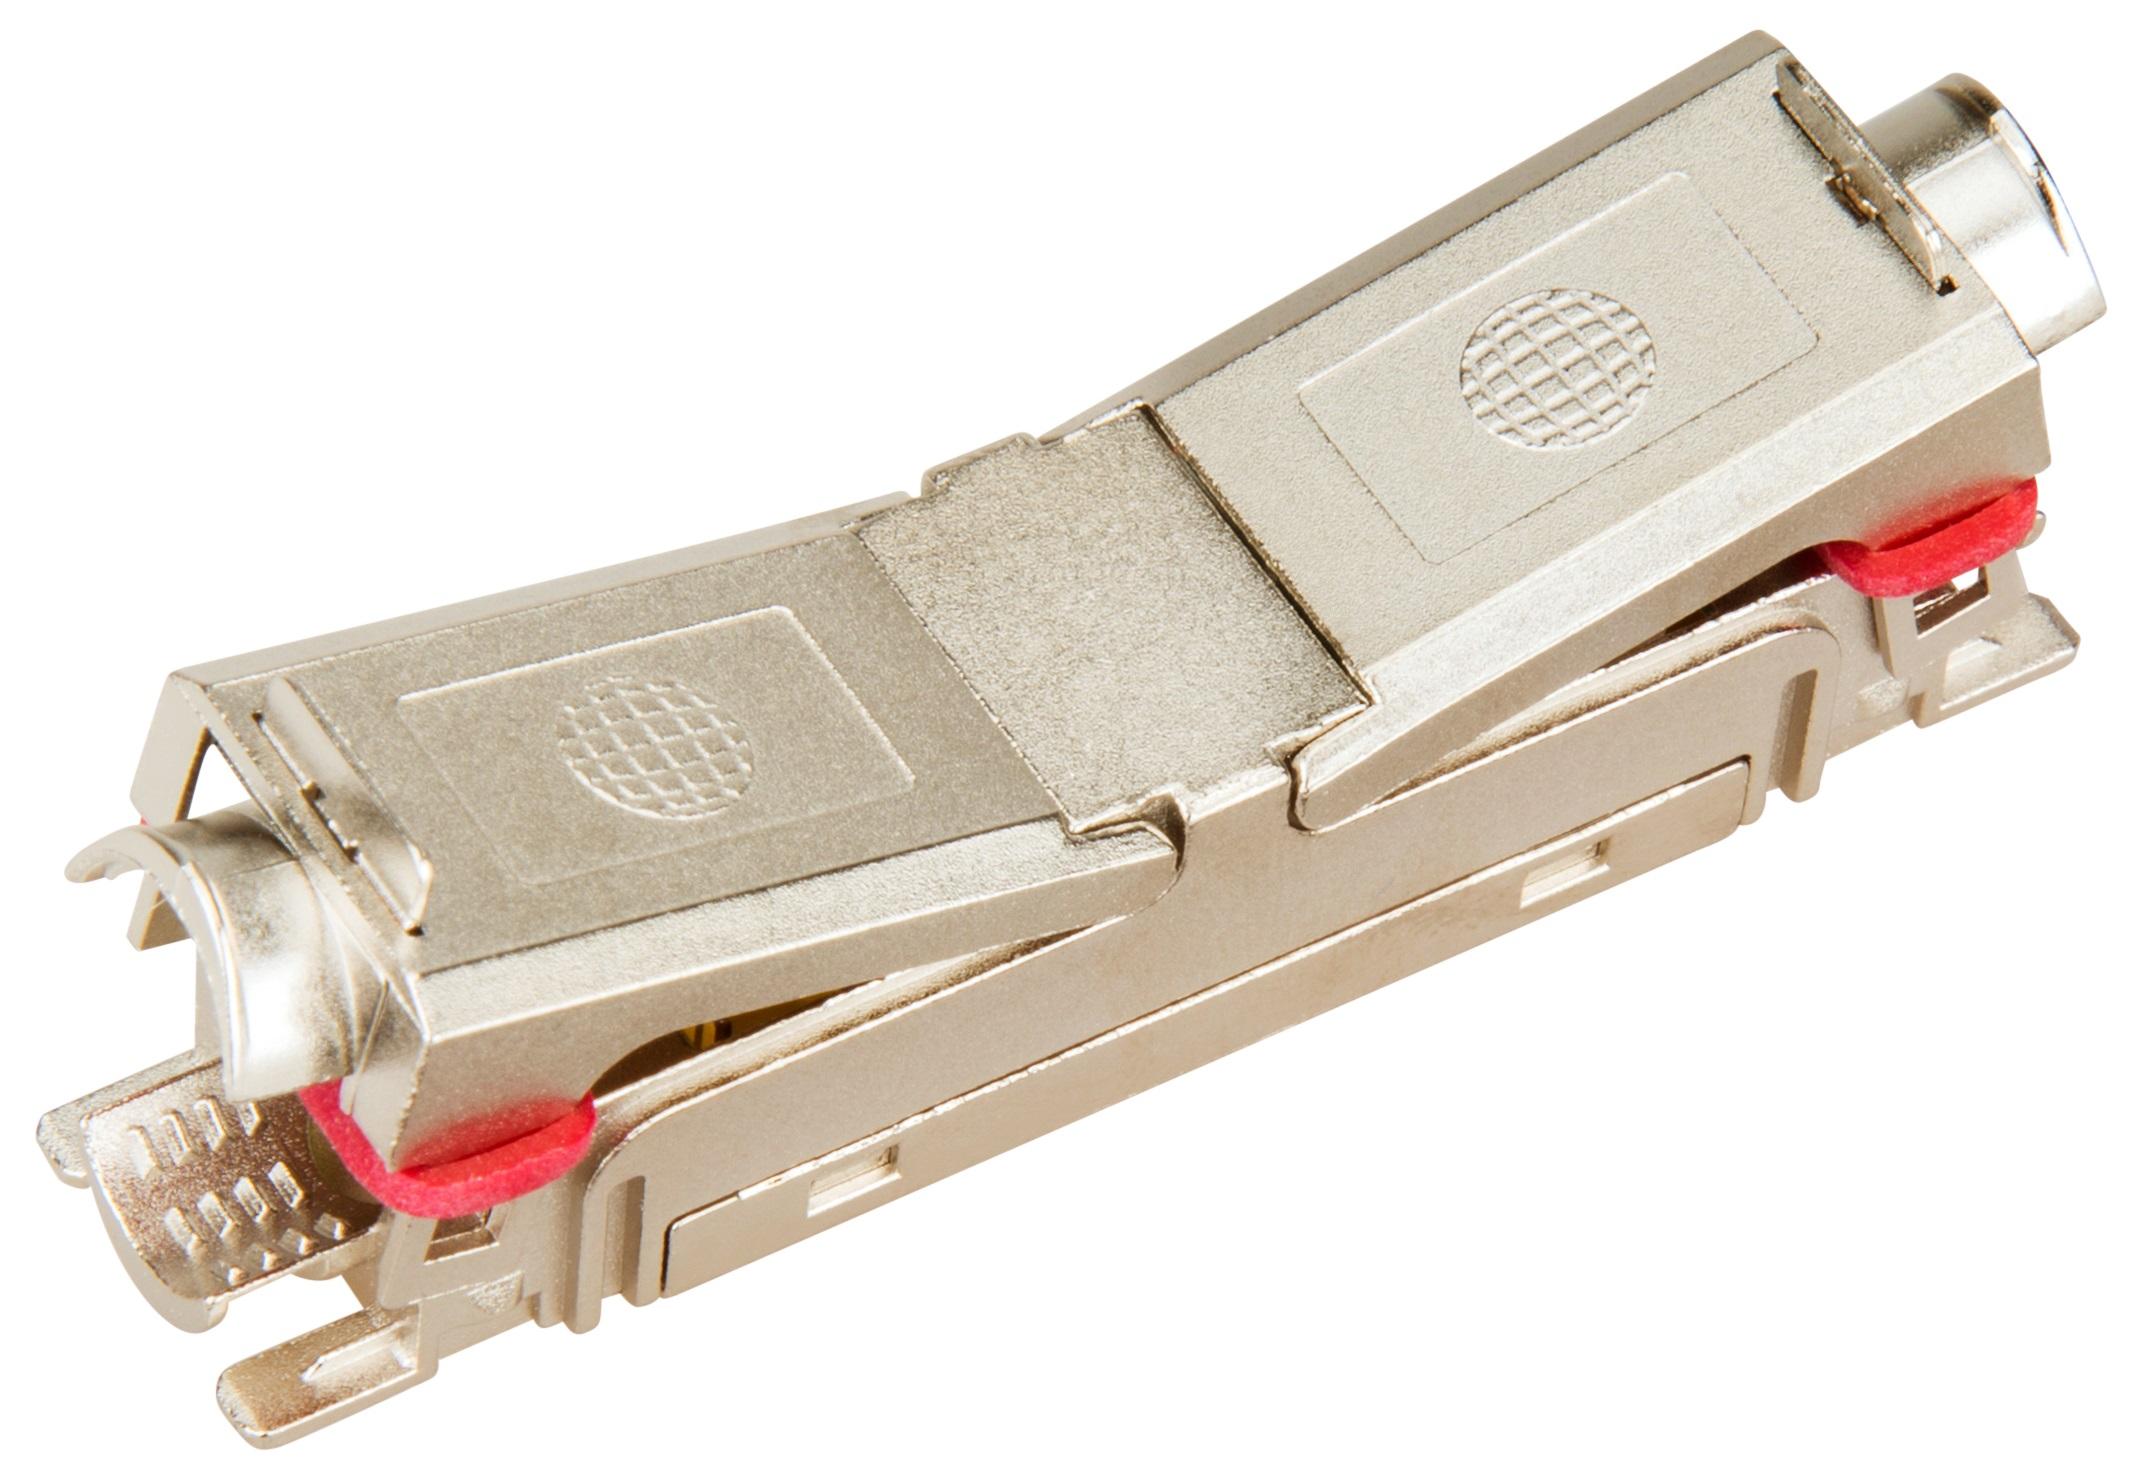 1 Stk Reparaturkit/Kabelverbinder für Installationskabel, Cat.6a HCAT6AREPK